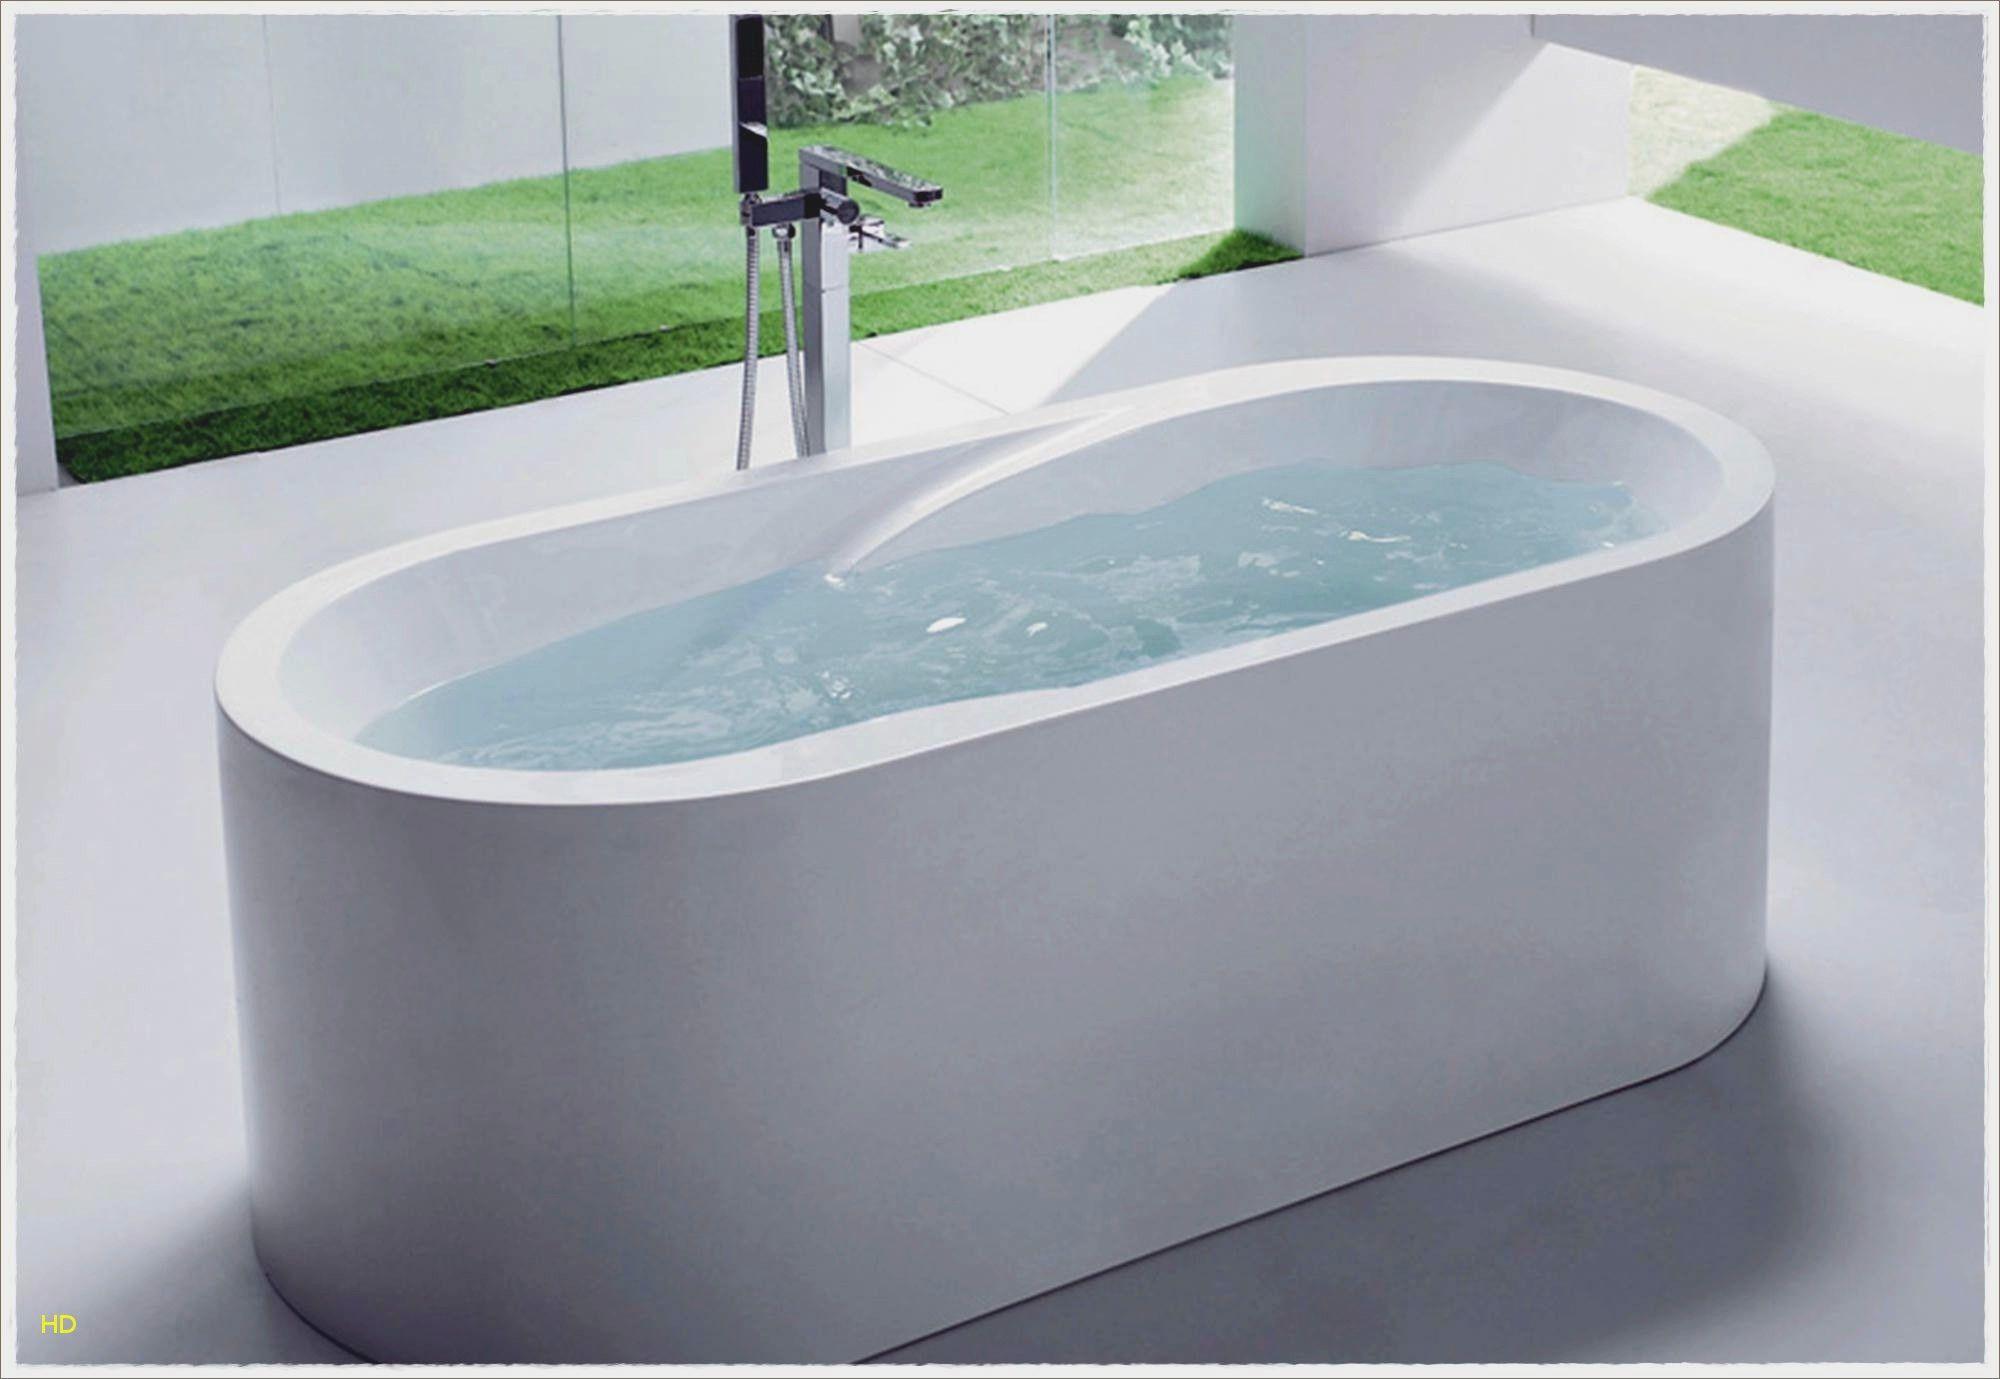 Baignoire 120x70 Brico Depot Vous Pouvez Faire Dans Un Week End Bathroom Luxury Bathroom Bathtub